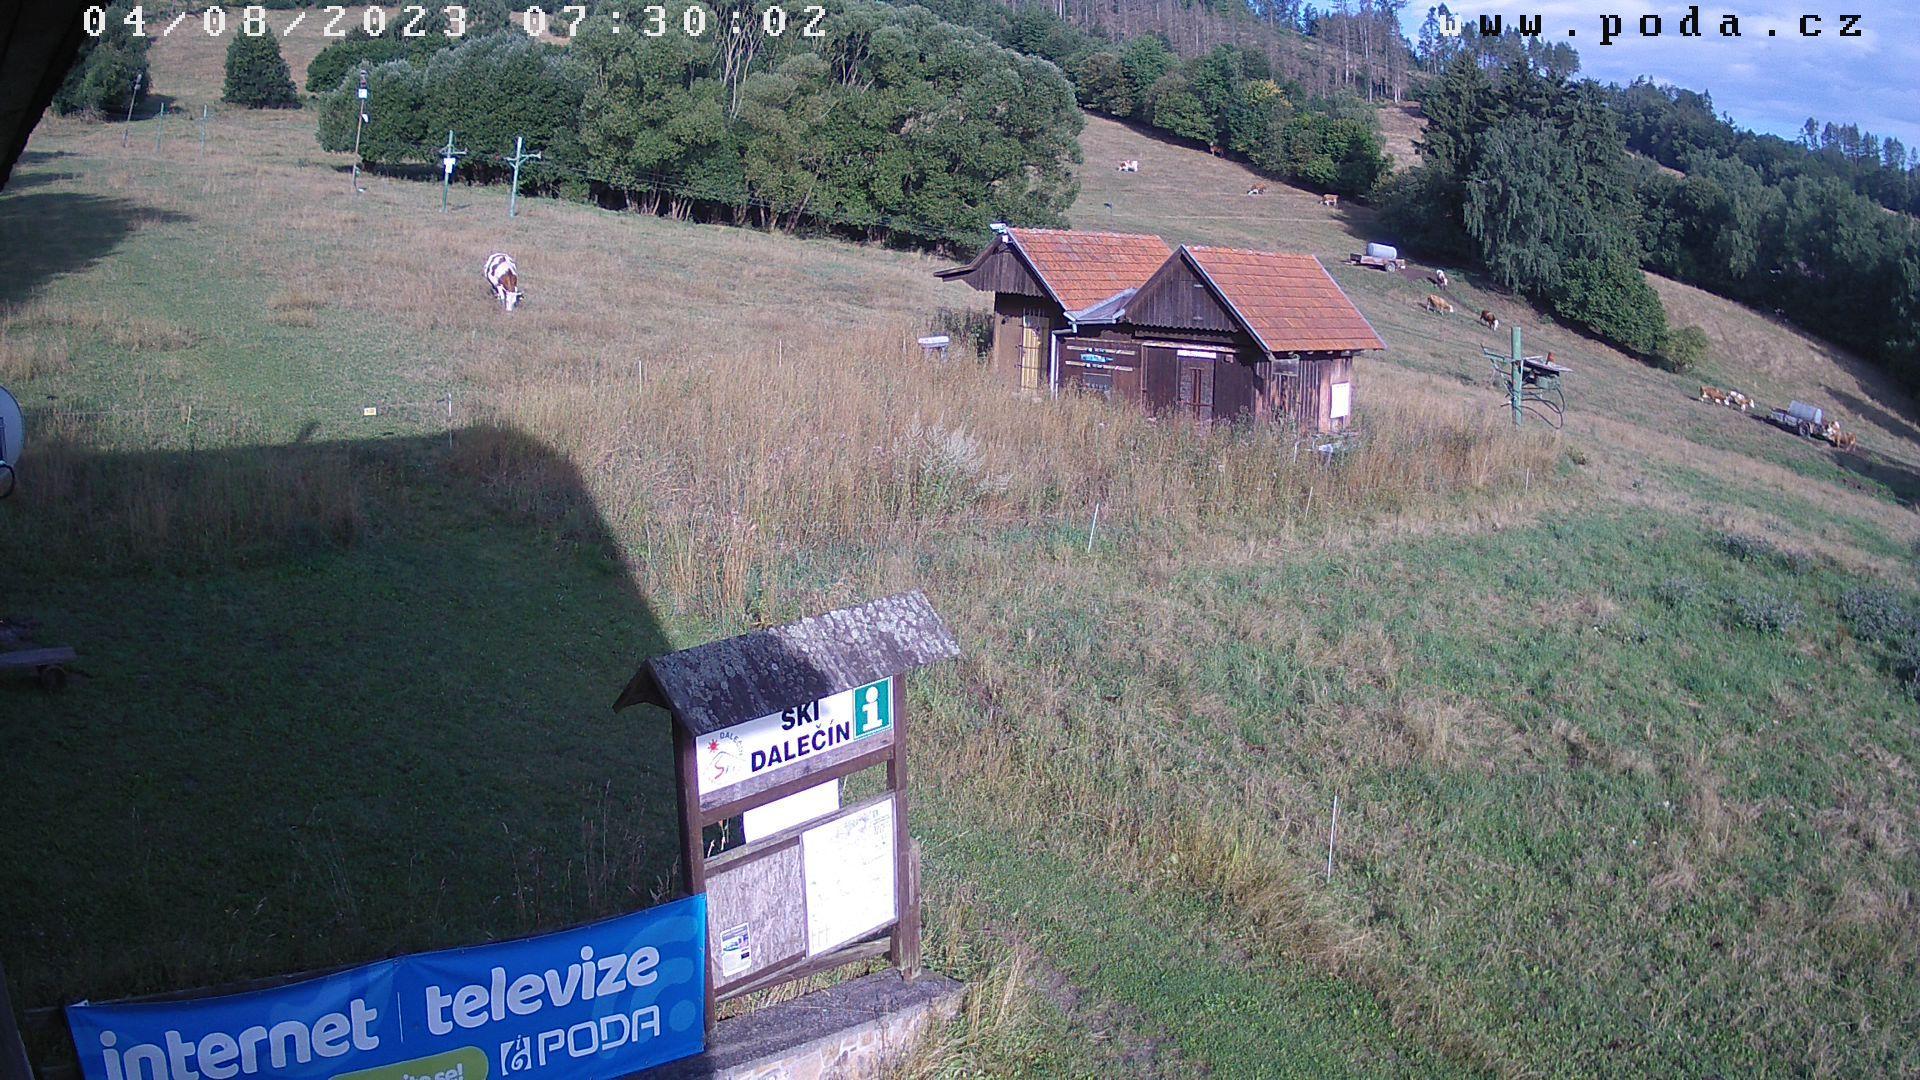 Webkamera Dalečín